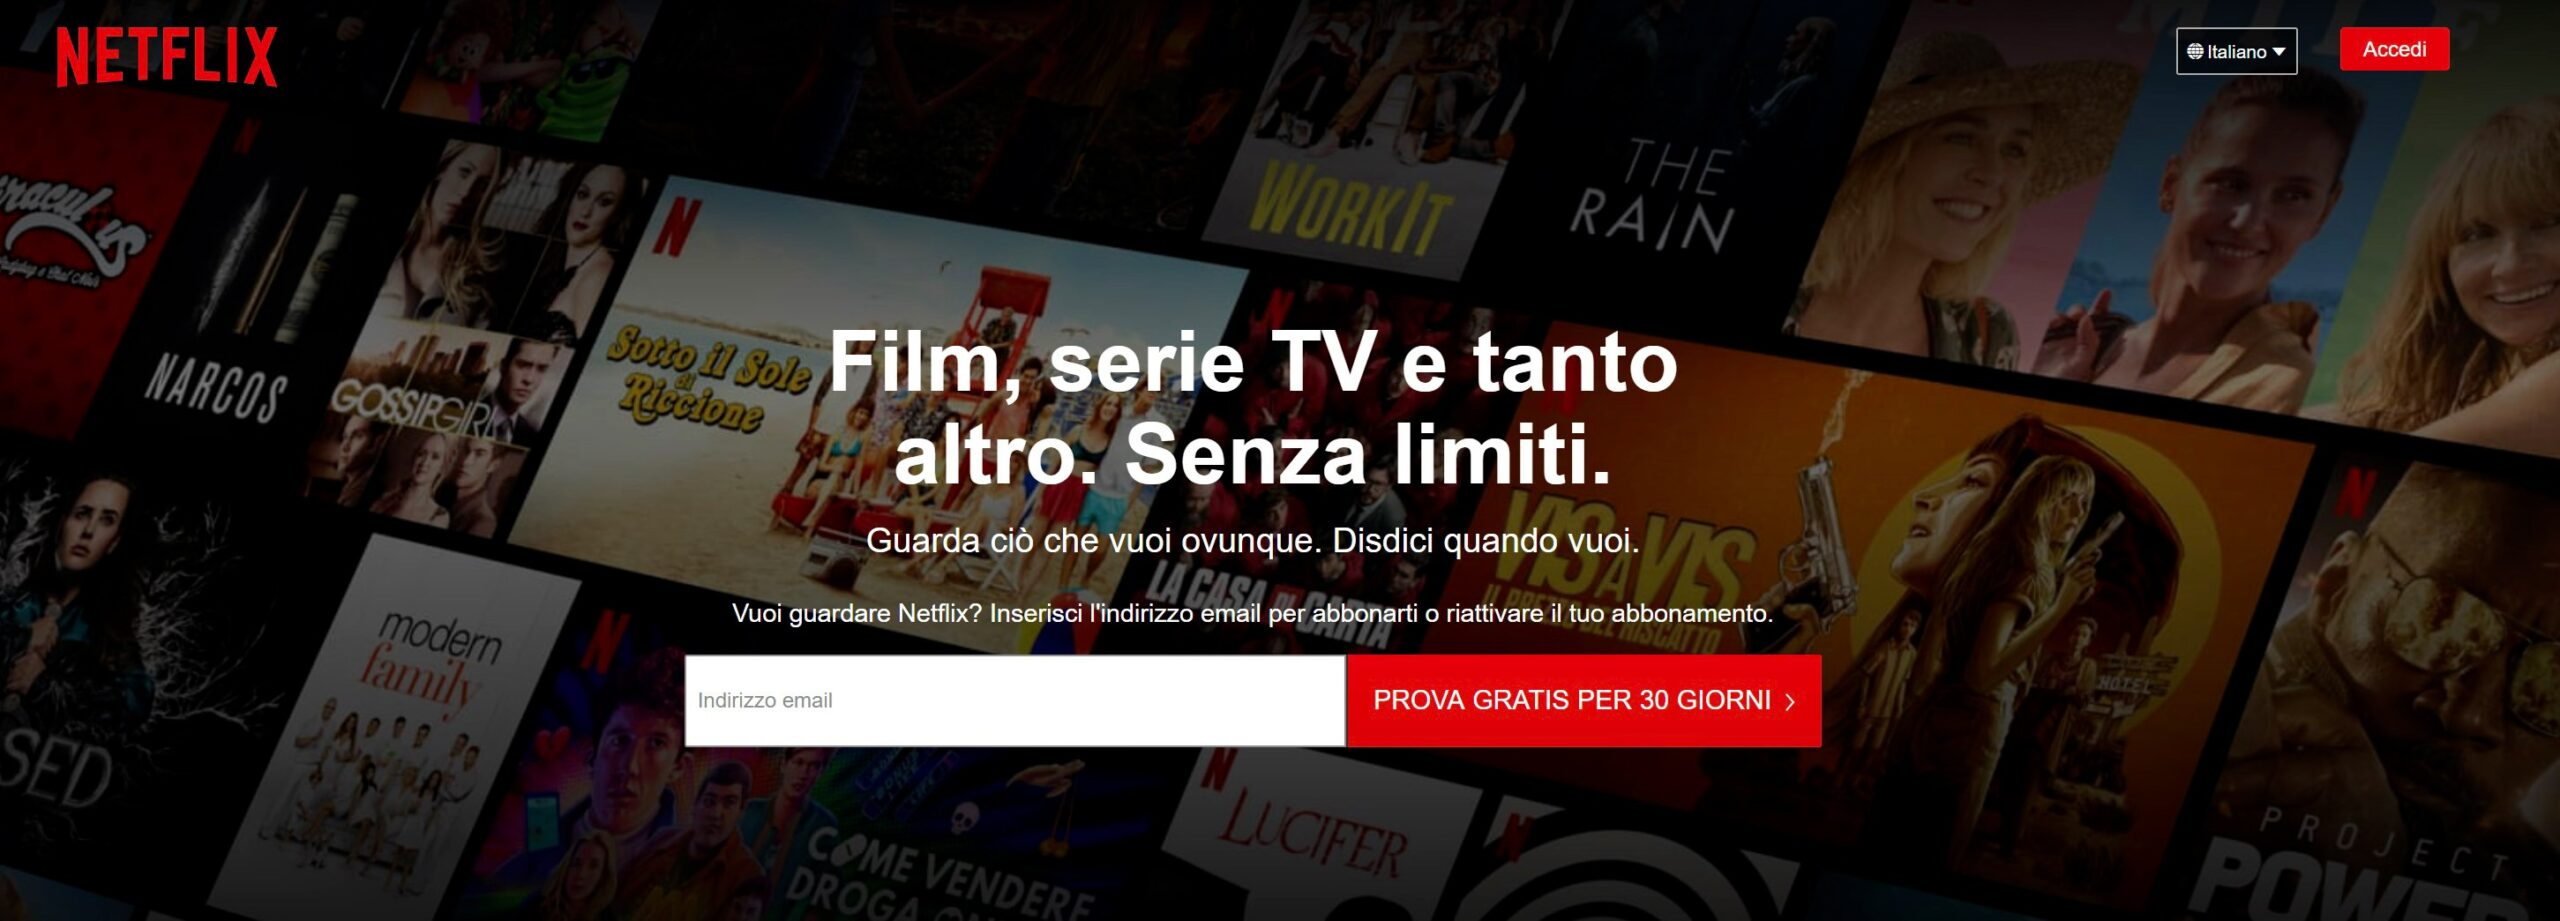 Netflix ripropone i 30 giorni di prova, ma non sempre in maniera gratuita 4